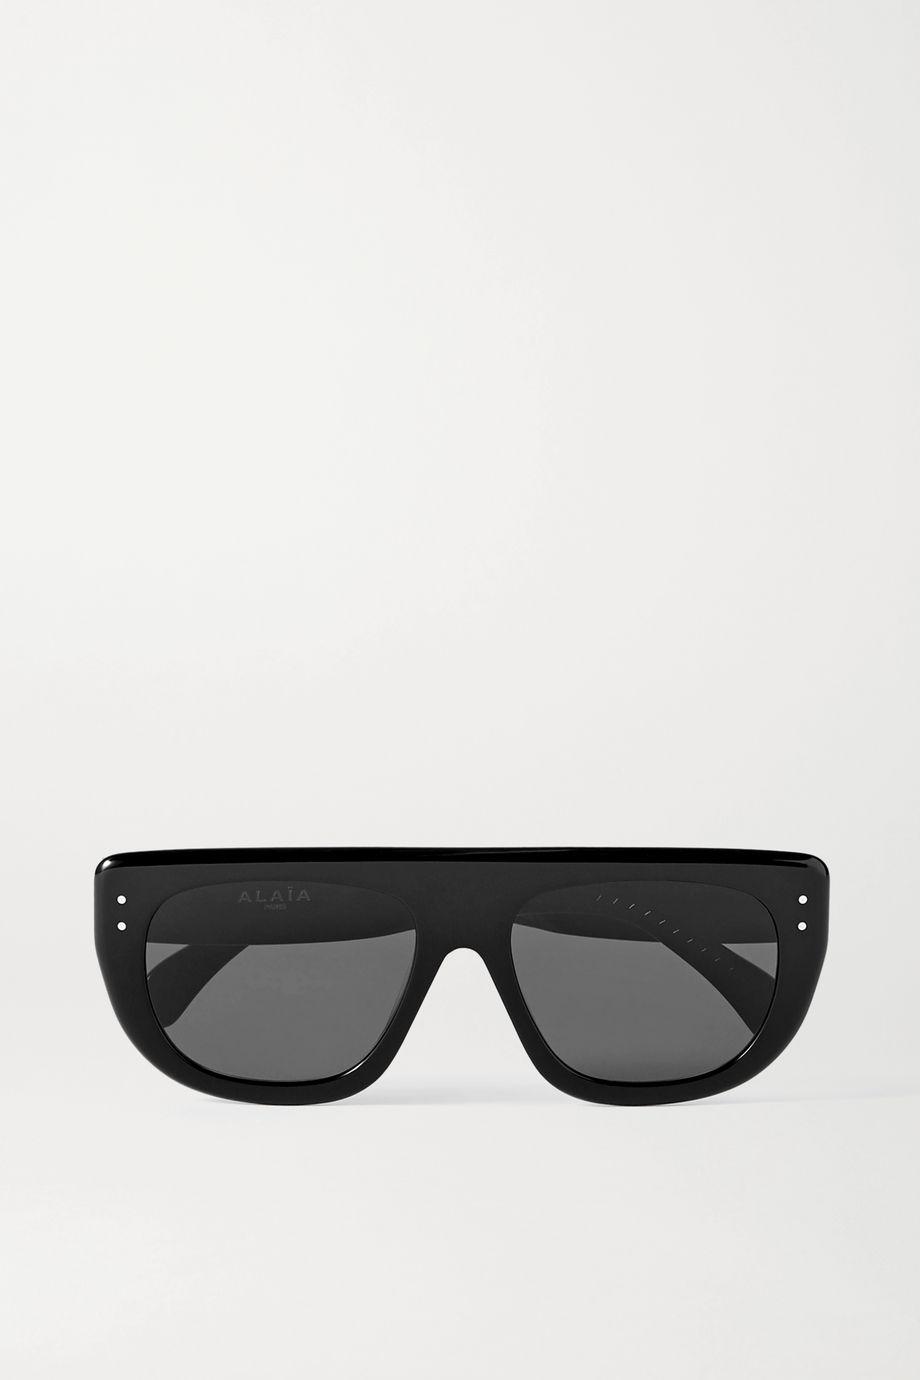 Alaïa Sonnenbrille mit D-Rahmen aus Azetat